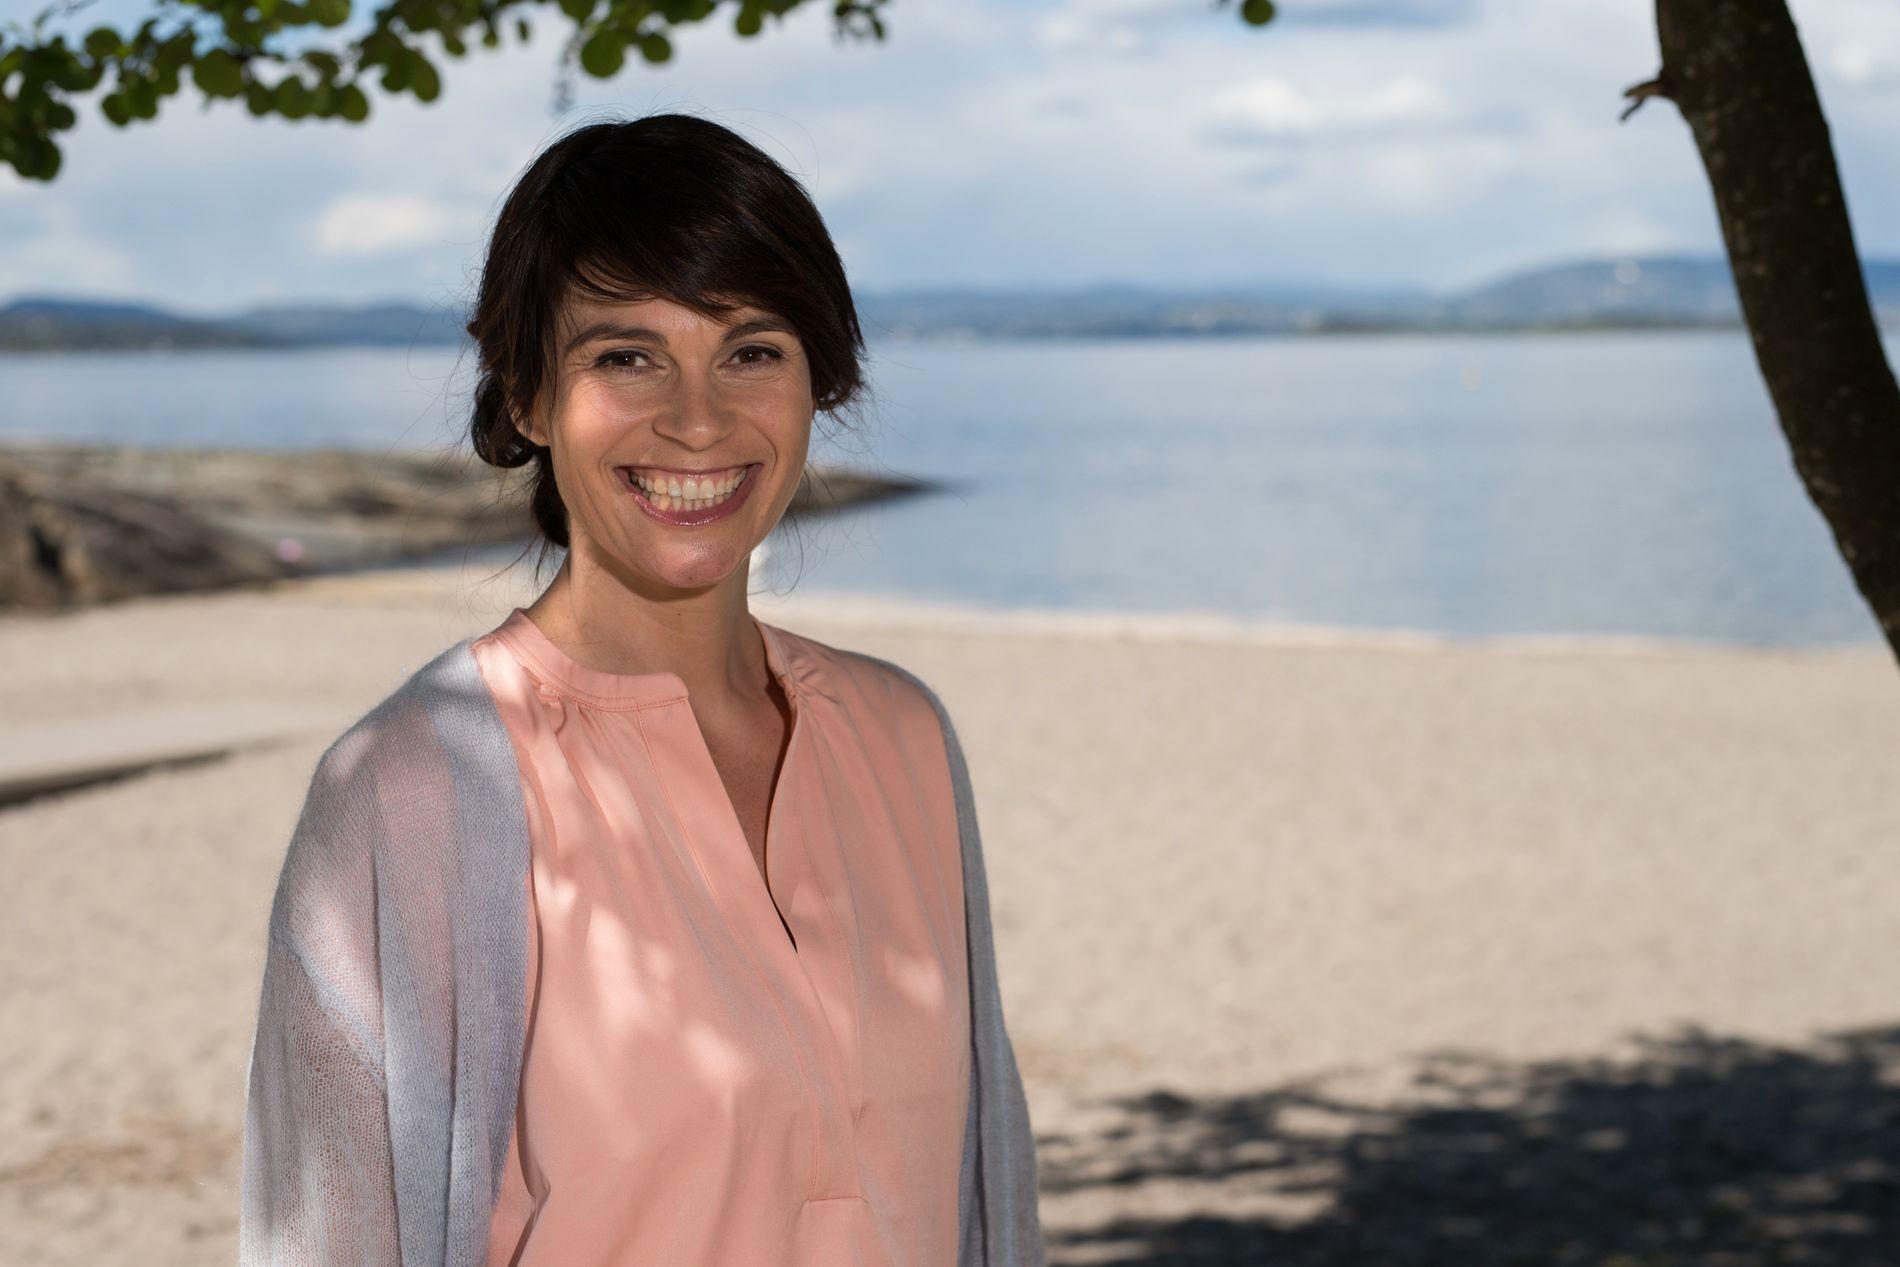 PÅ SKIBLADNER: Også denne sommeren skal Jeannette Platou være en av programlederne for årets «Sommeråpent» på NRK. Men denne gangen flytter hun fra kysten til innlandet og blir med Mjøsas hvite svane, Skibladner